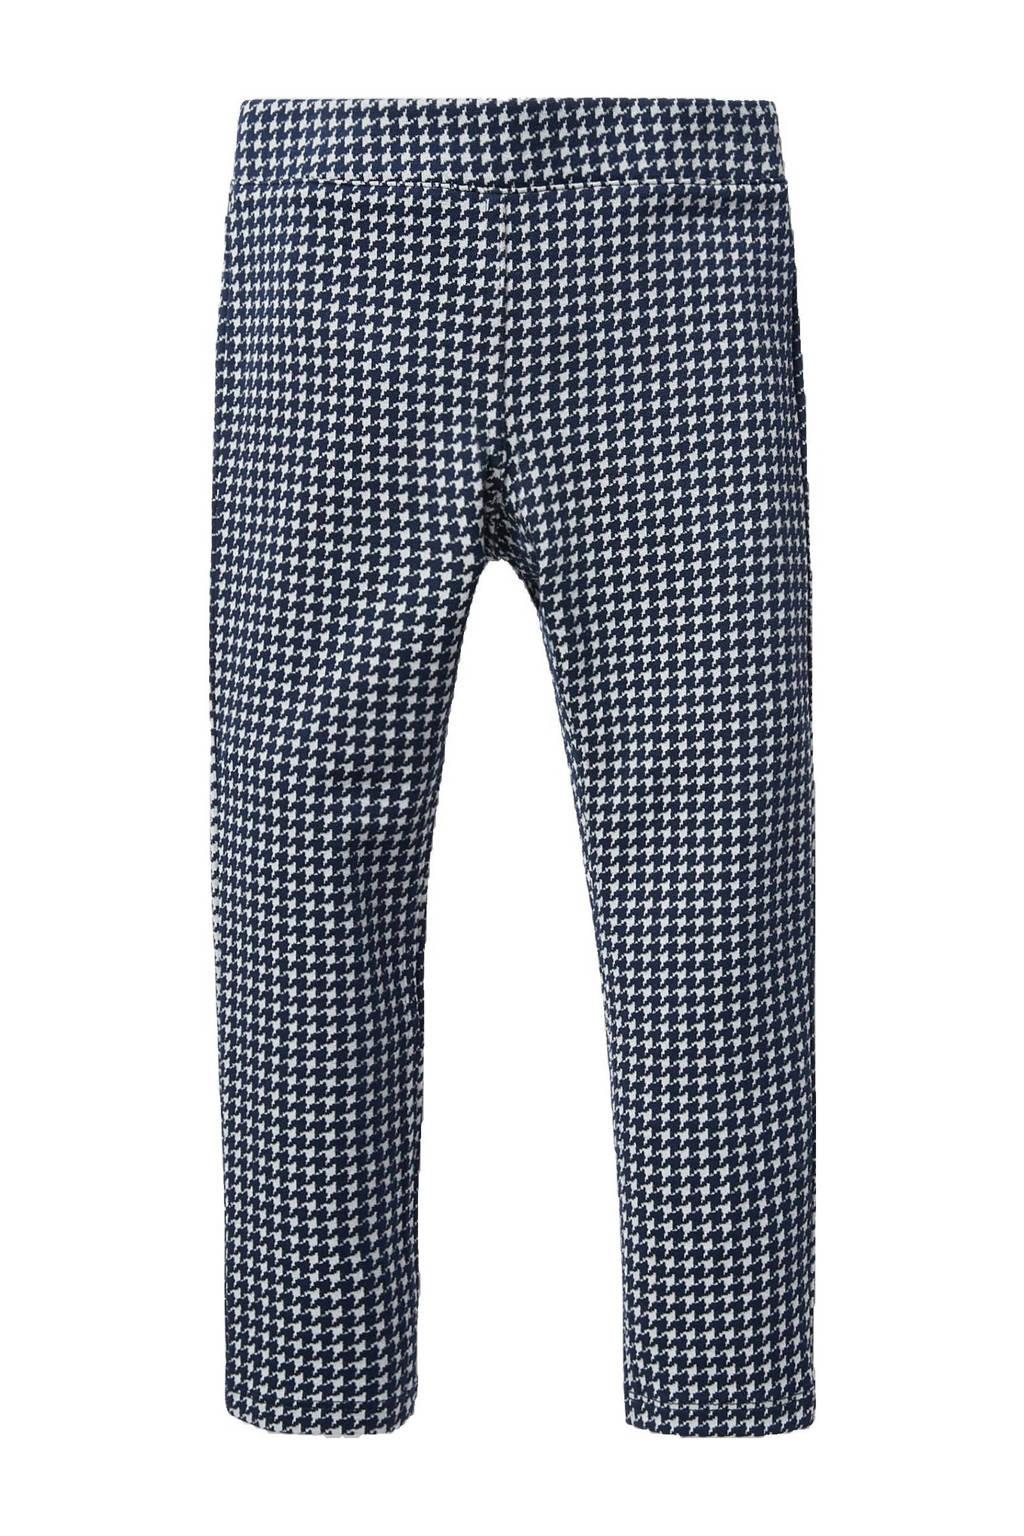 C&A Palomino broek met pied-de-poule donkerblauw/wit, Donkerblauw/wit